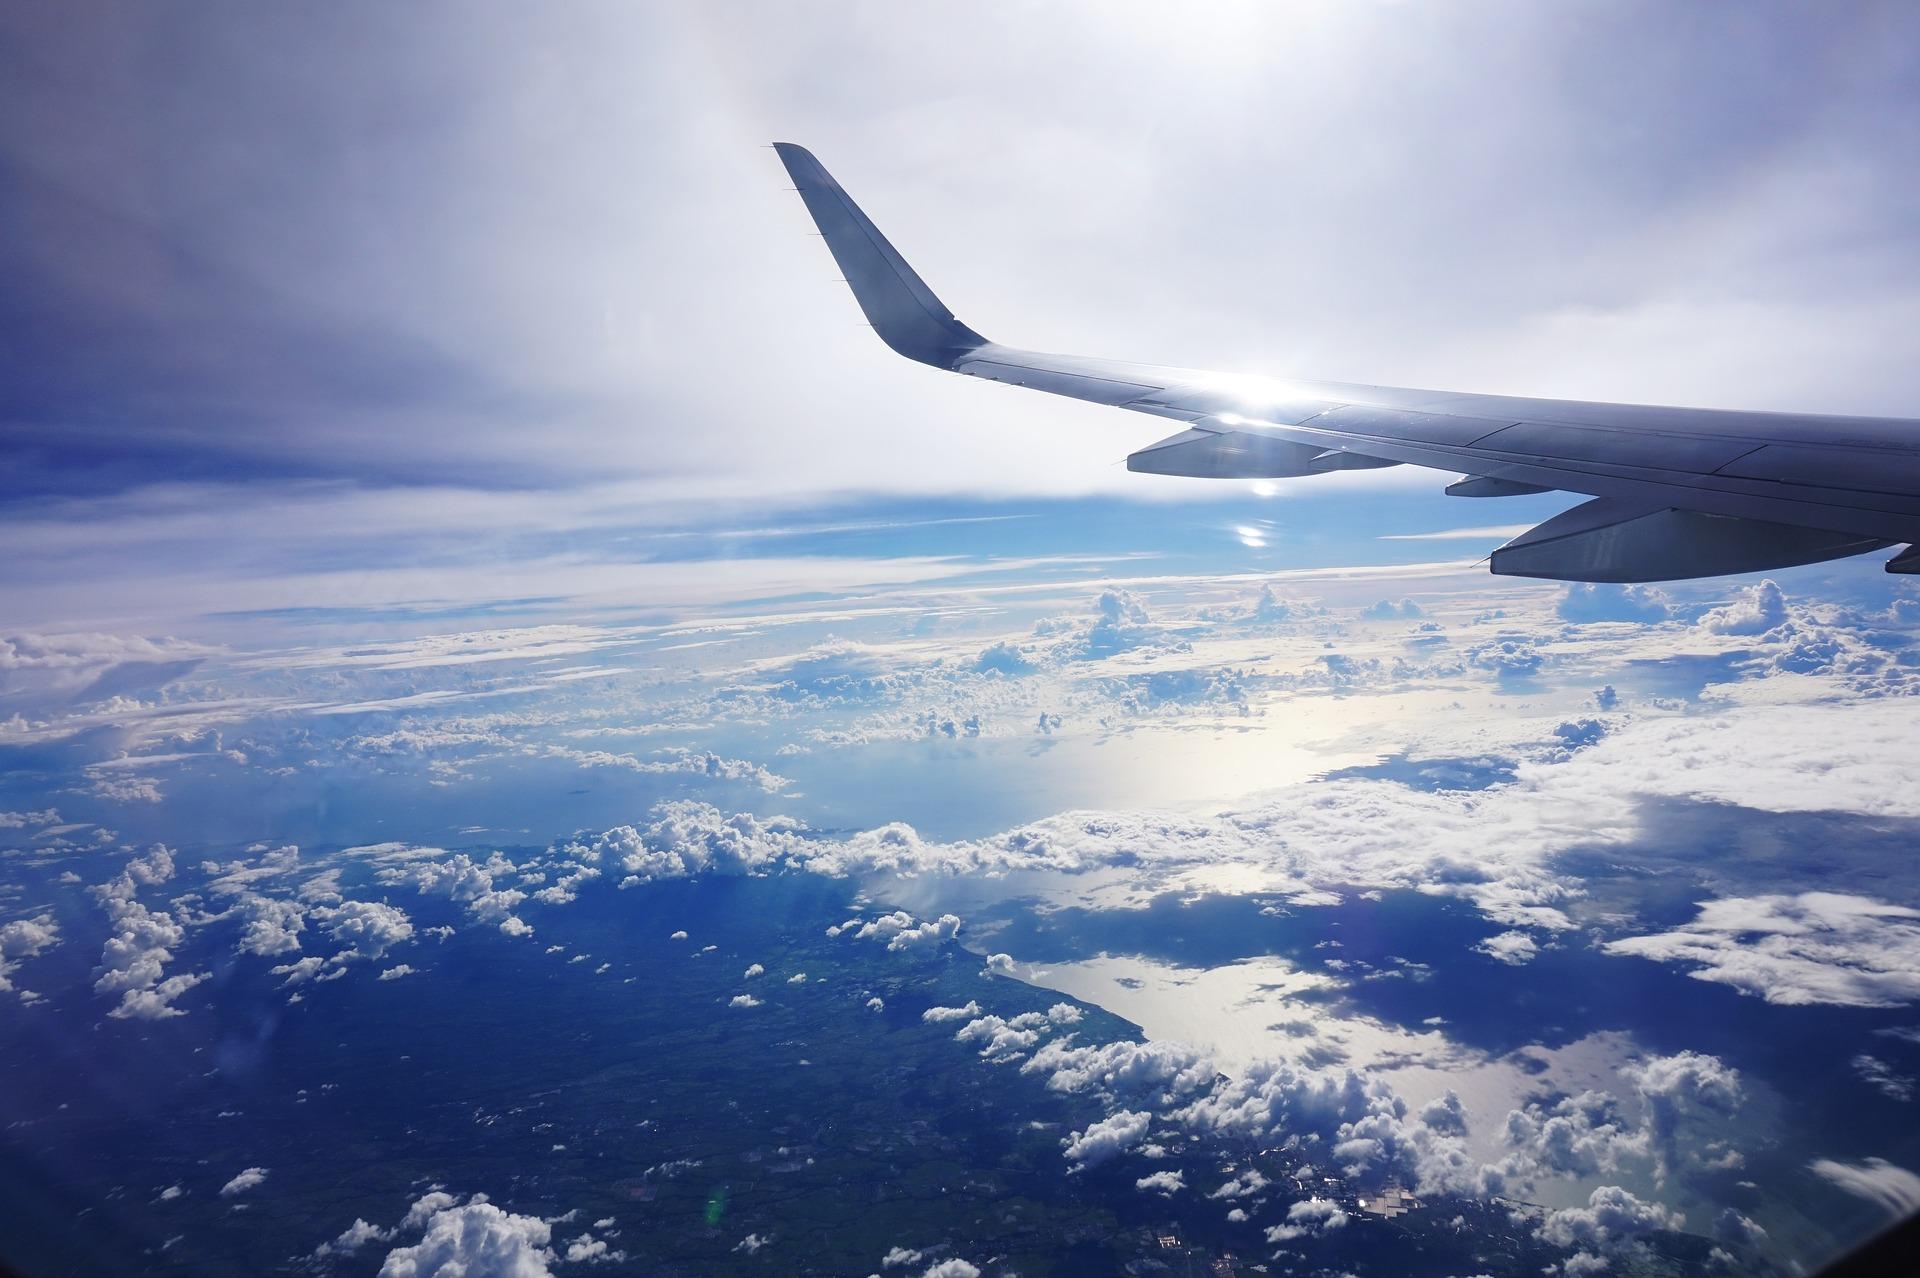 雲の上を飛んでいる飛行機の翼の写真